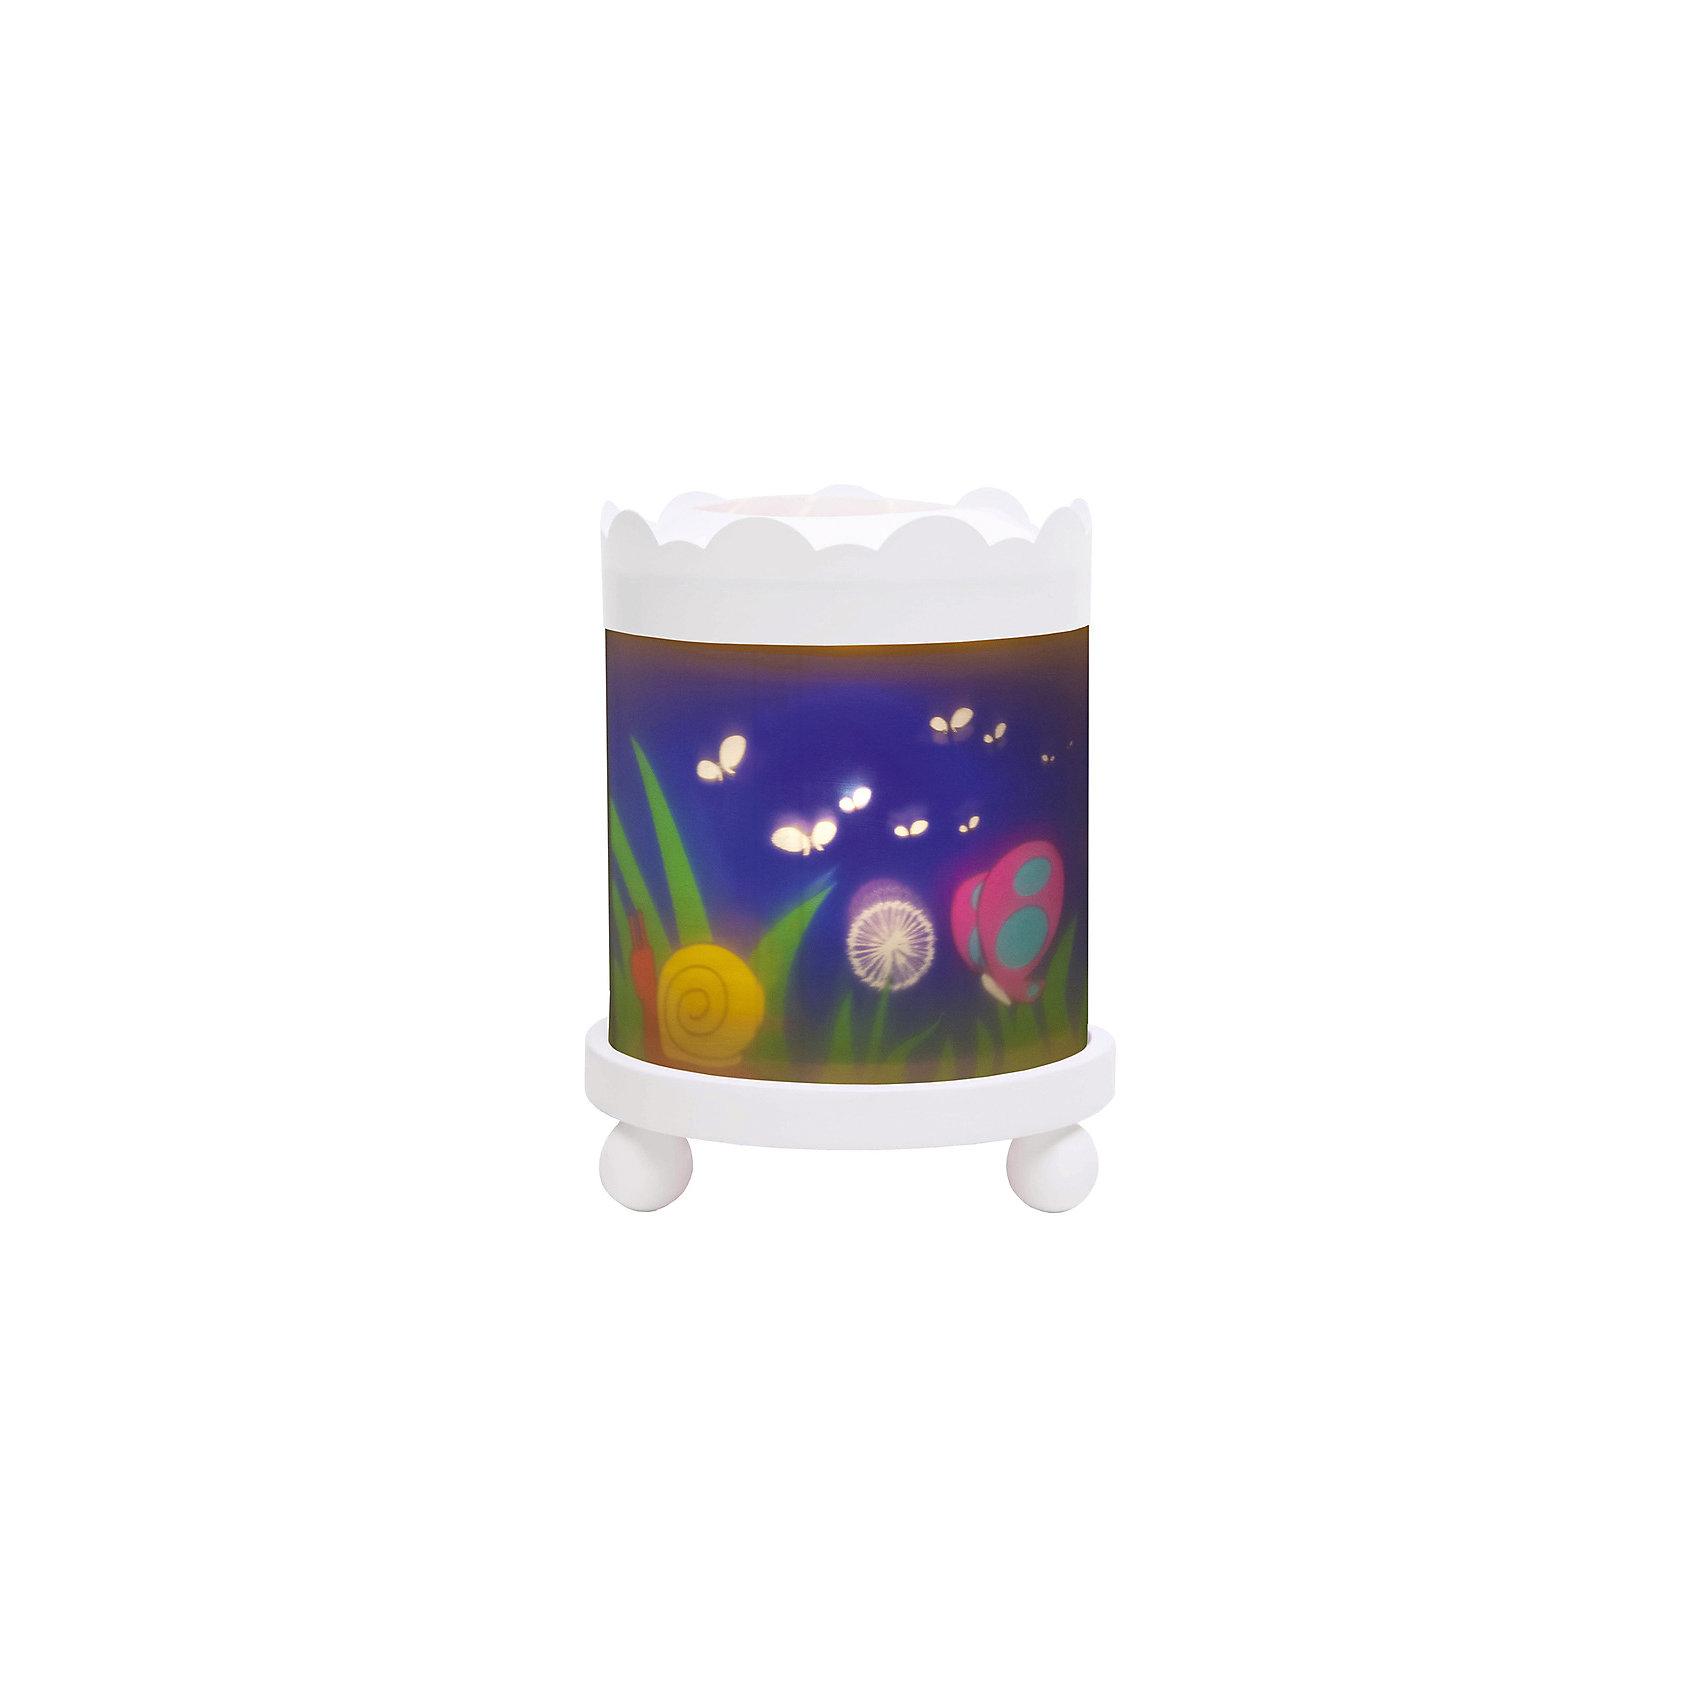 TROUSSELIER Светильник-ночник с функцией проектора Butterfly, Trousselier trousselier светильник ночник балерина trousselier белый